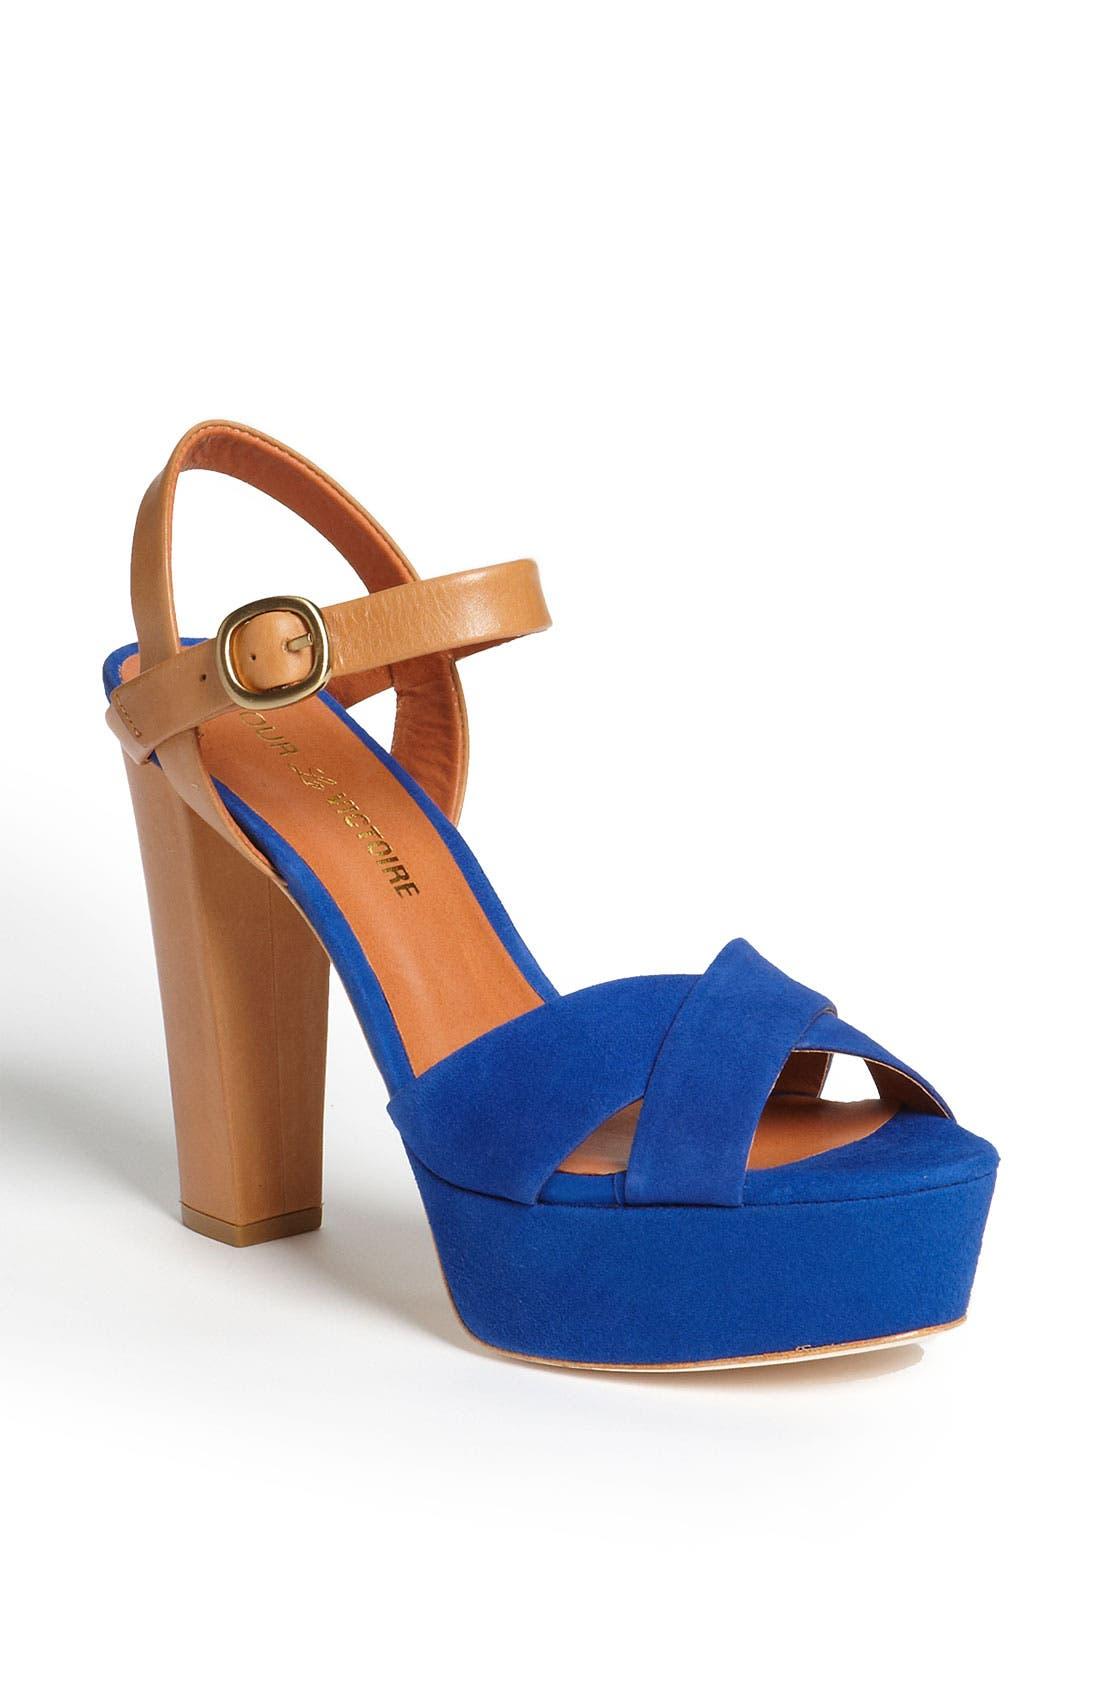 Main Image - Pour la Victoire 'Noele' Sandal